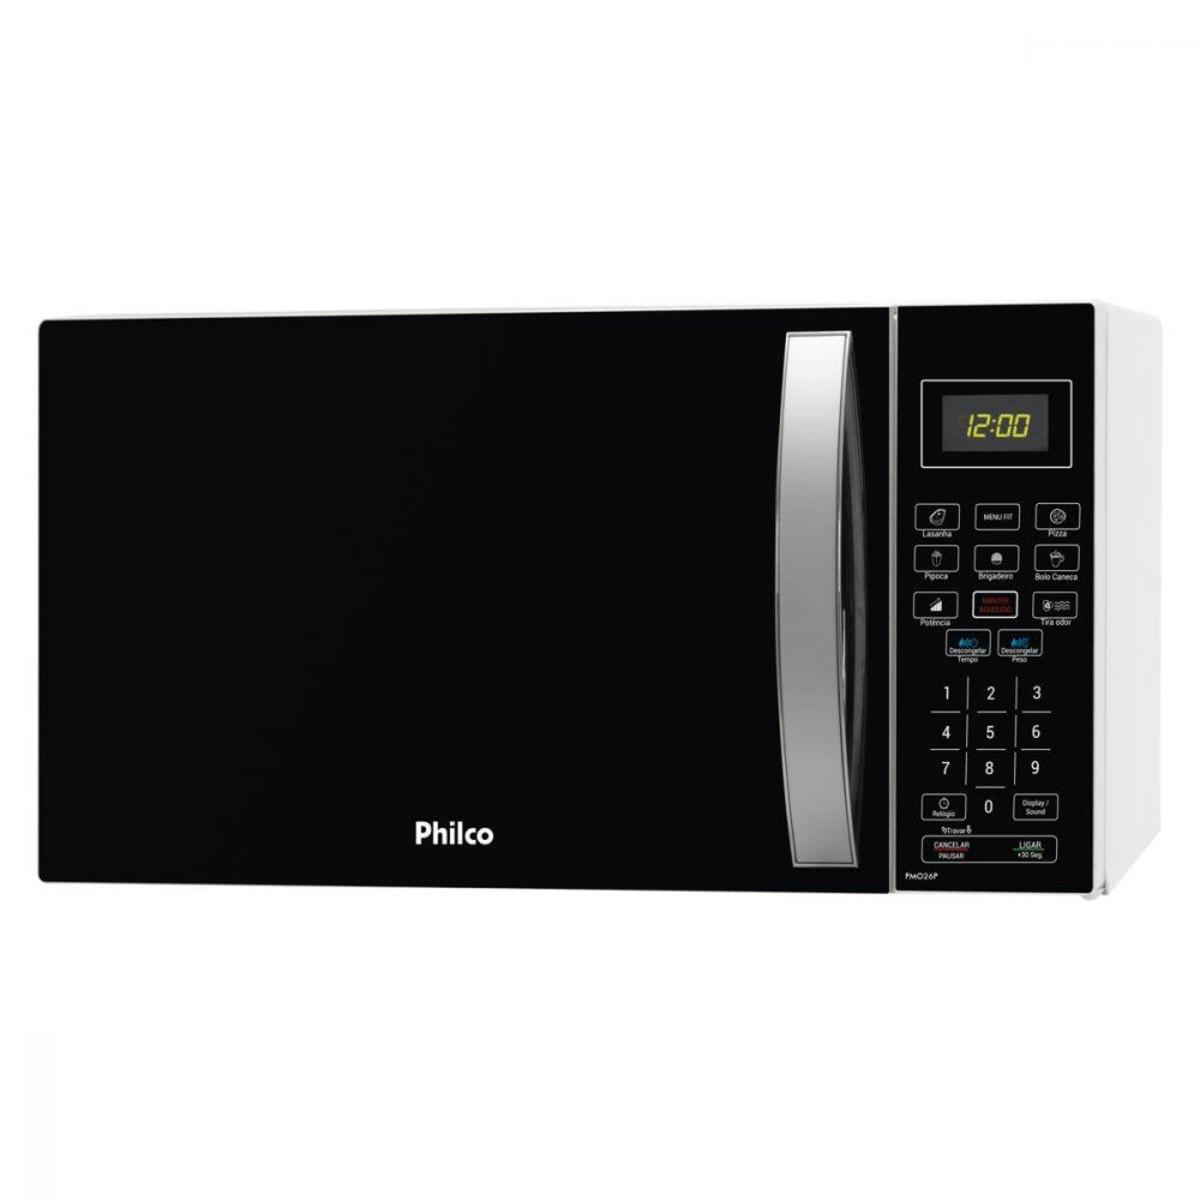 Imagem de Micro-ondas Philco 26 Litros Preto/Inox - PMO26P